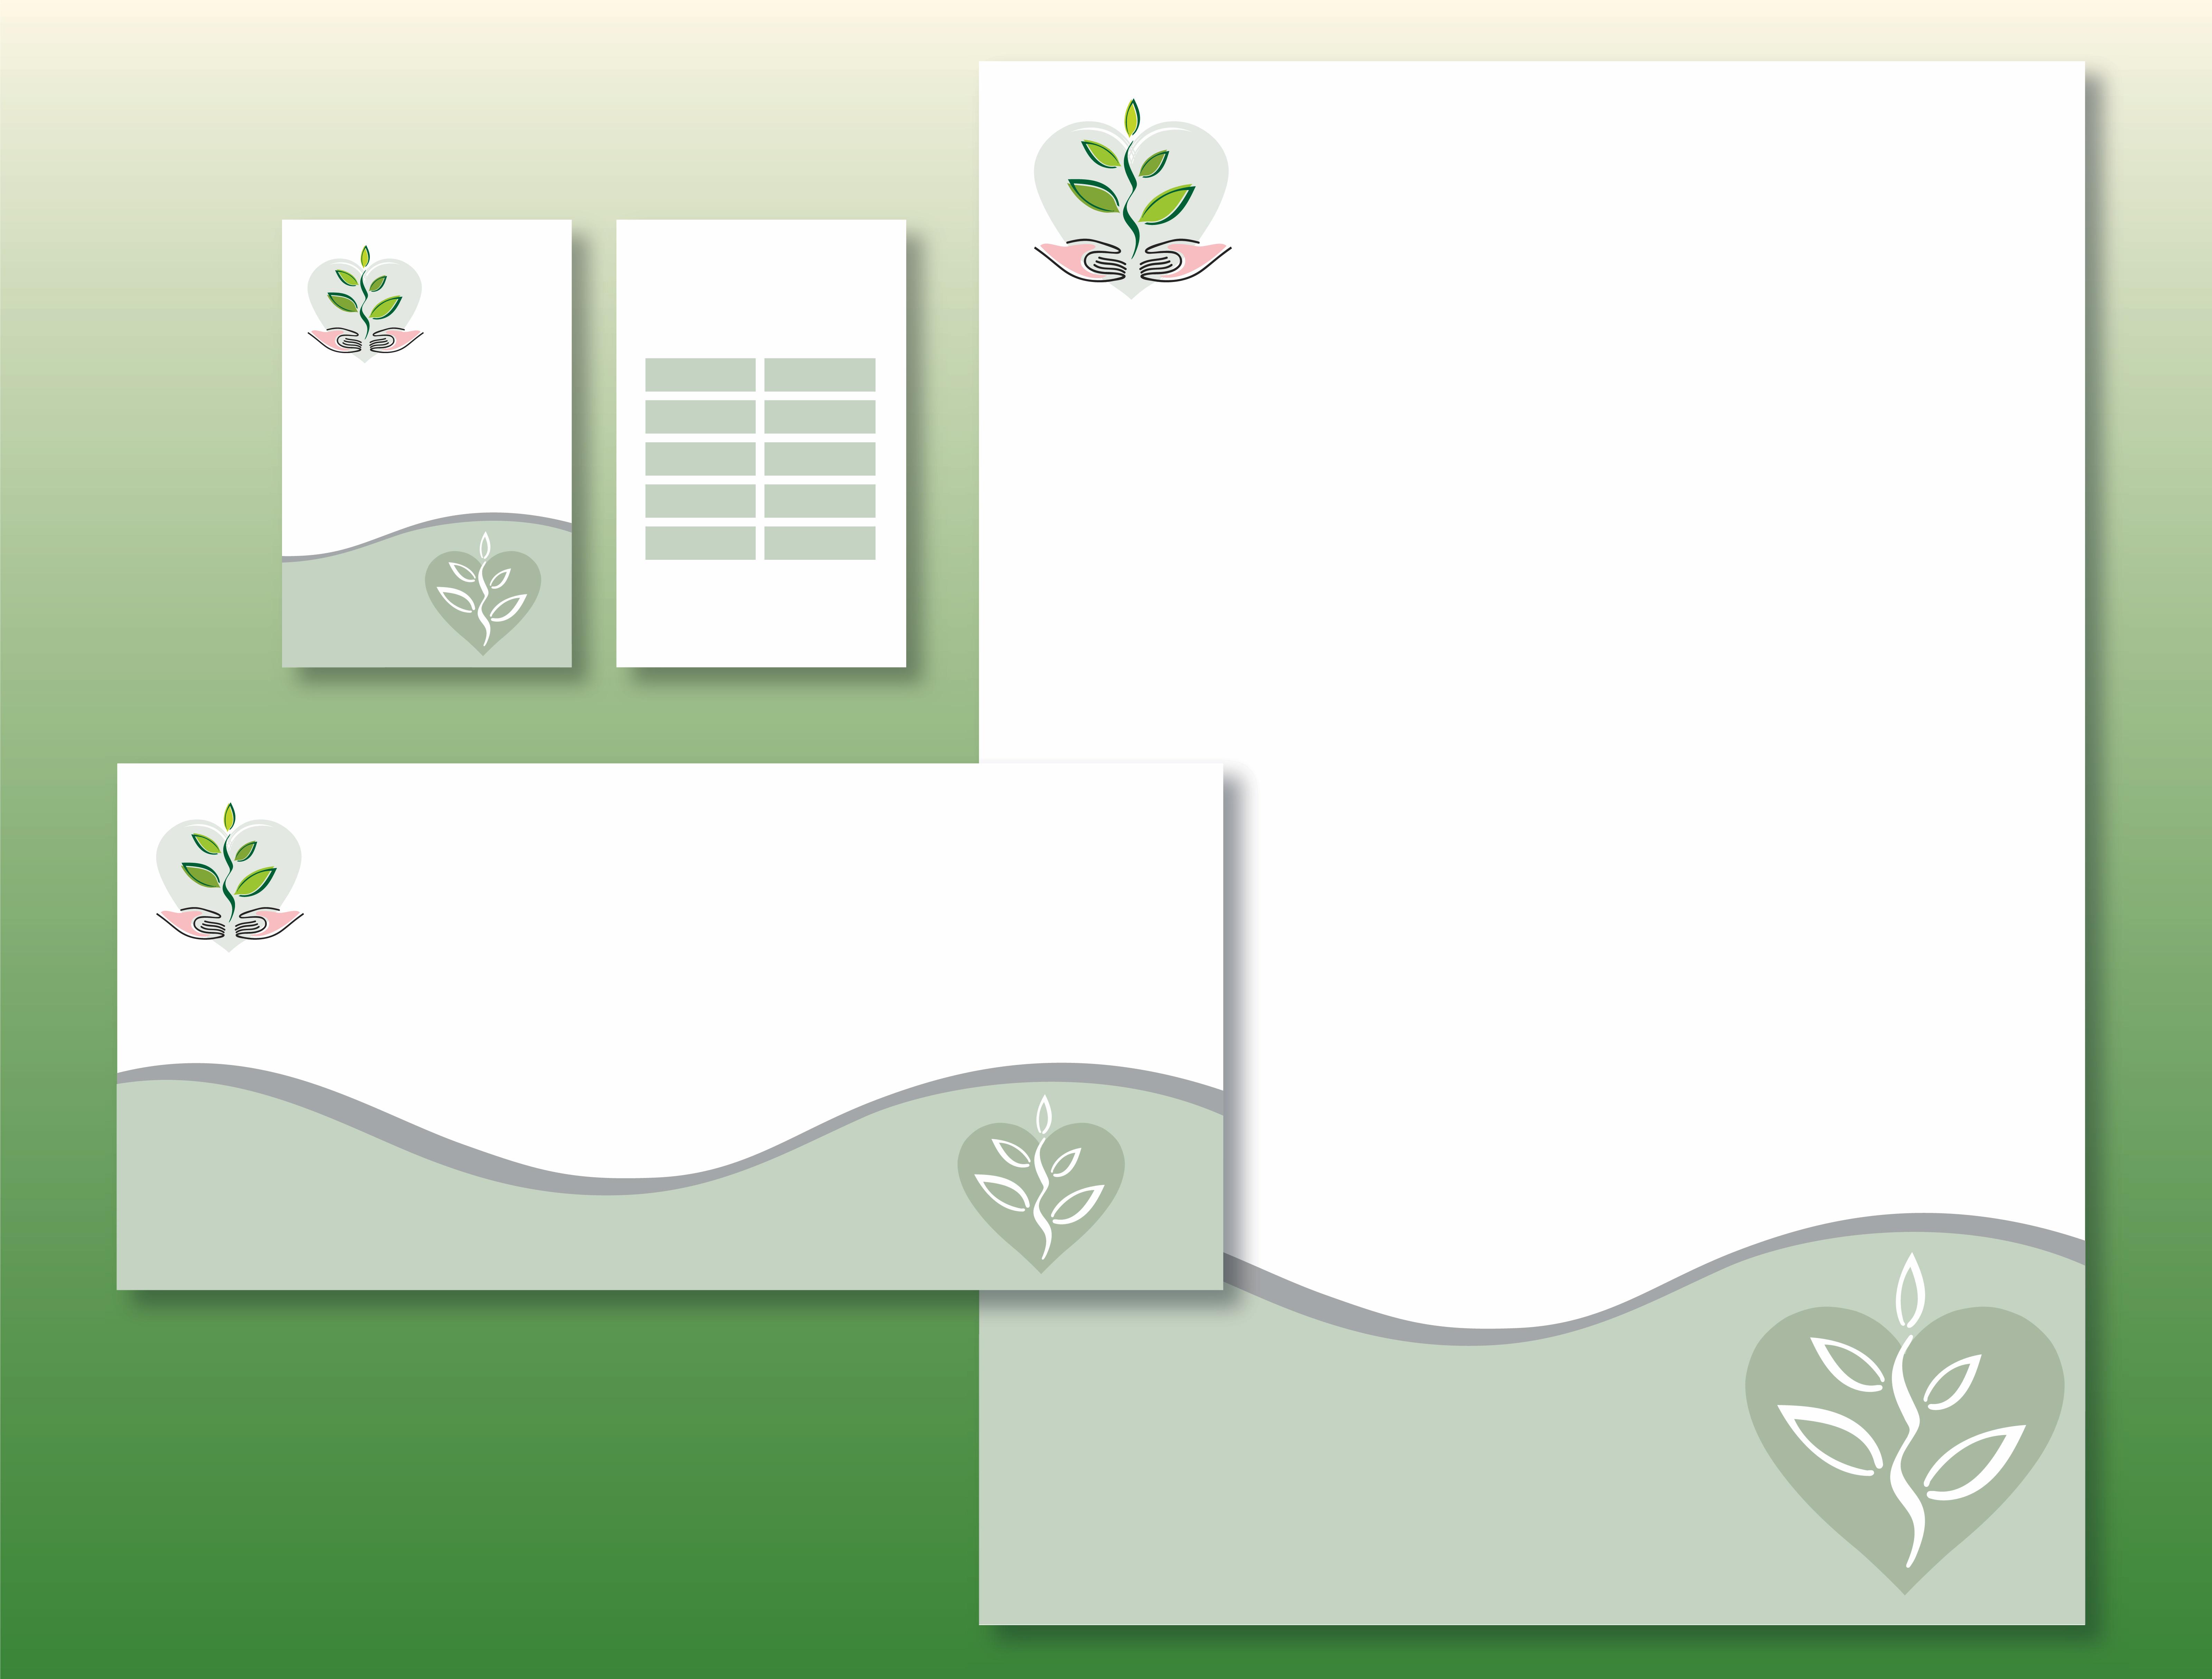 Charte graphique d'un site web